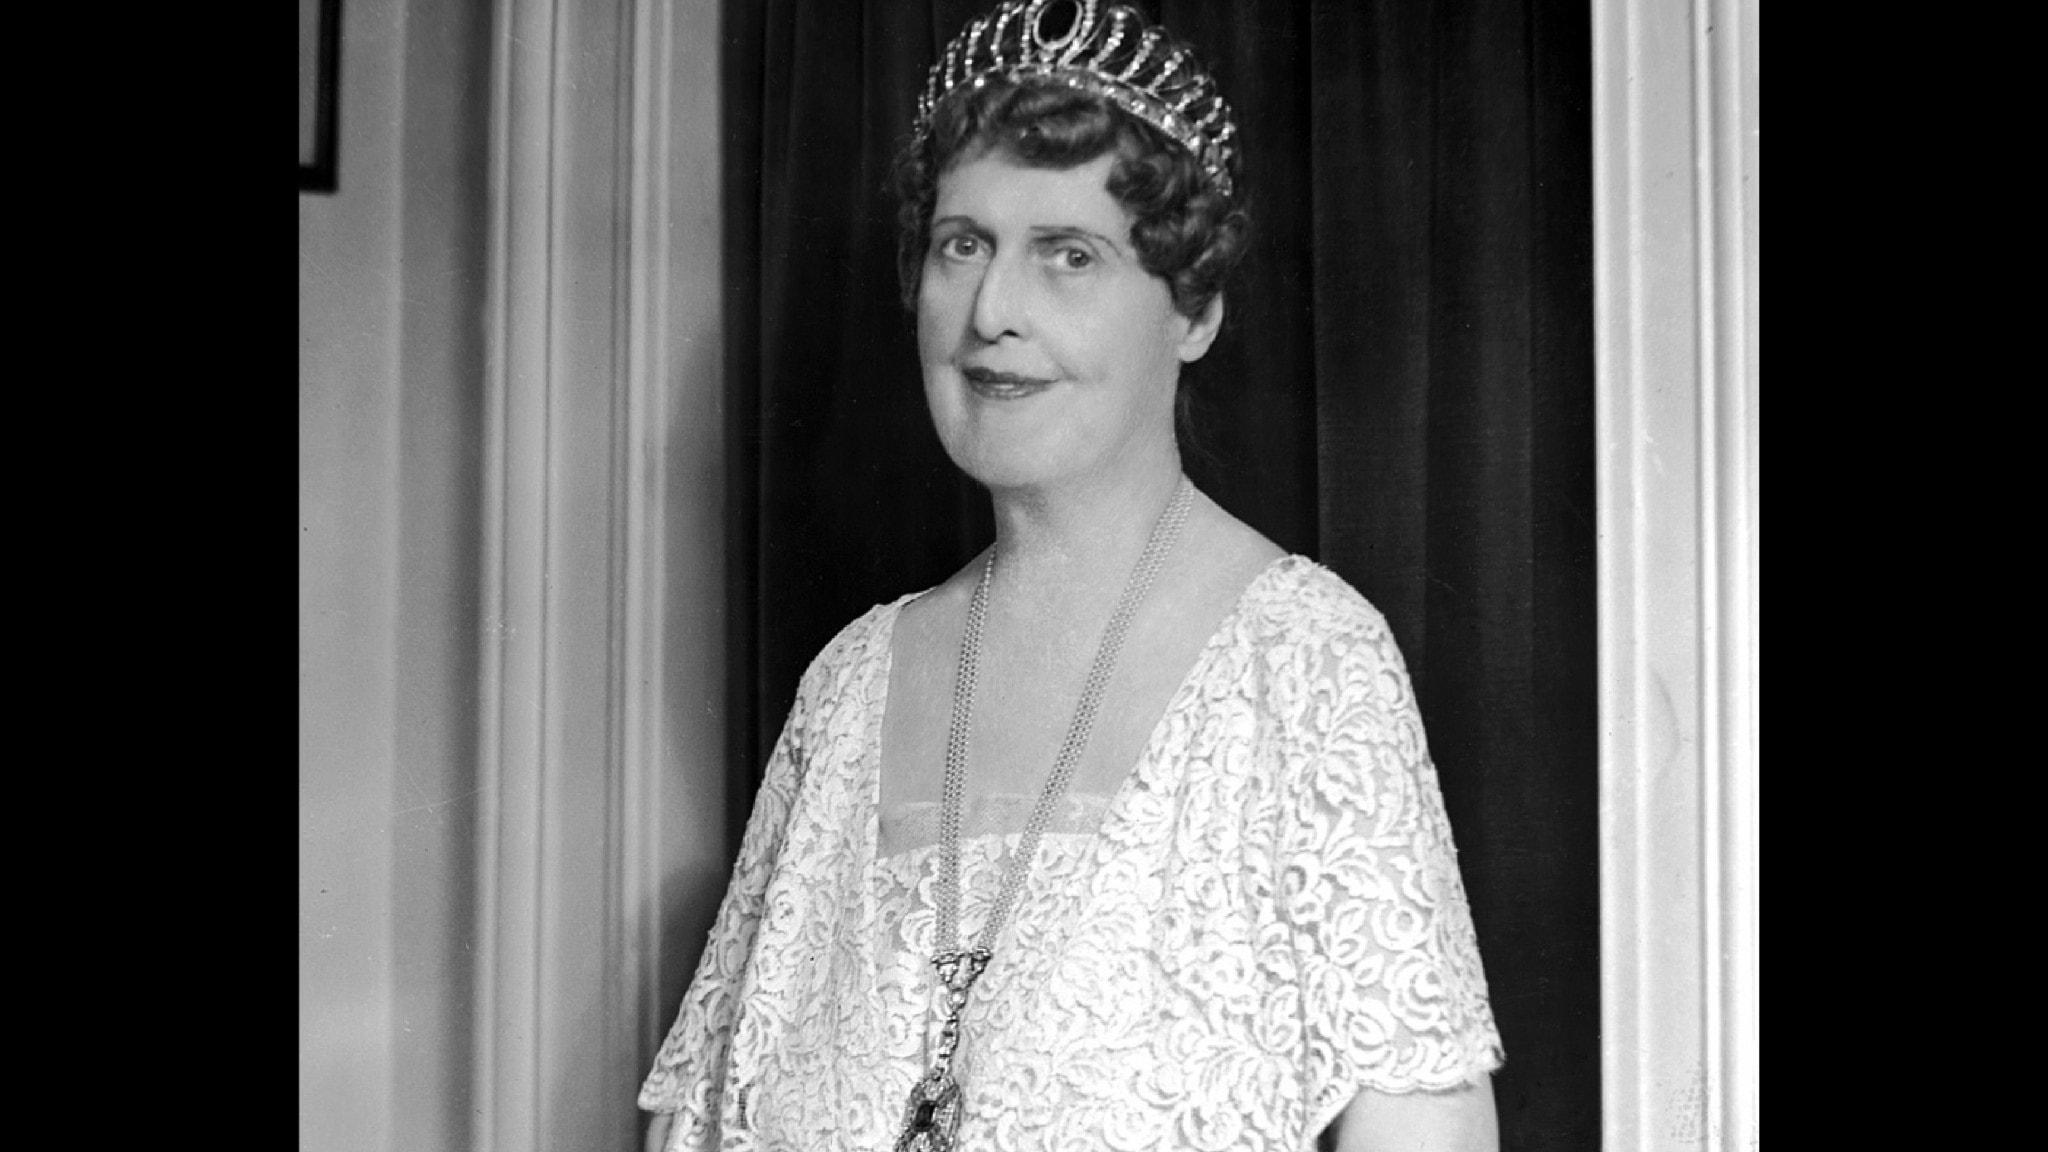 Bilden visa Florence Foster Jenkins i vit aftonklänning och tiara.